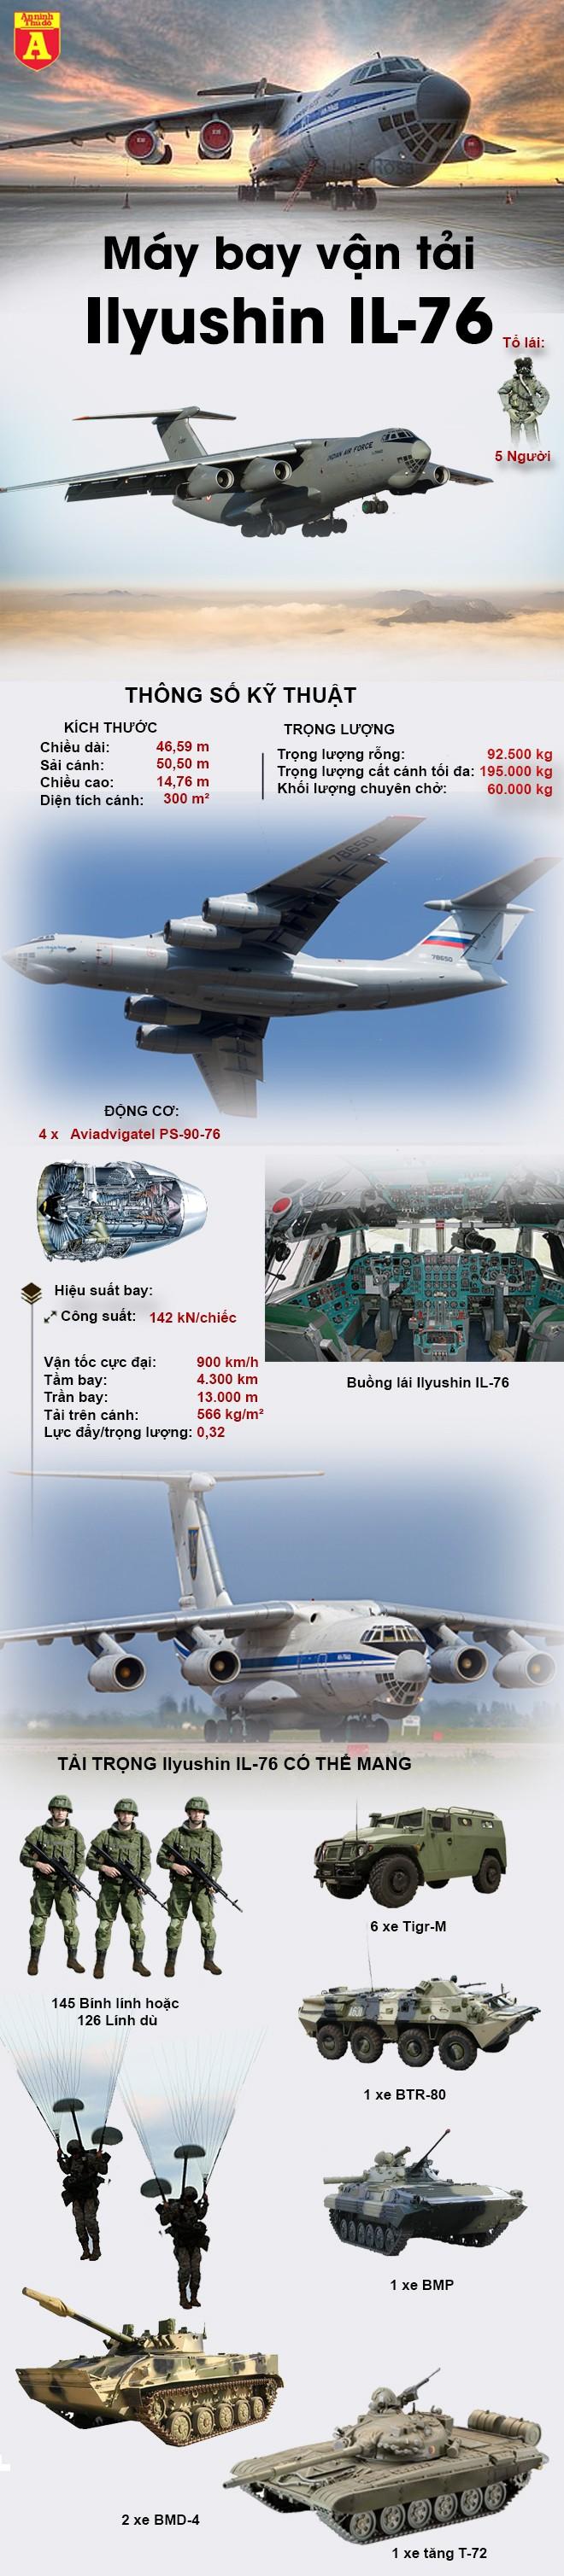 [Infographic] 'Ngựa thồ khổng lồ' IL-76 của Nga vừa đáp xuống sân bay Đà Nẵng ảnh 2